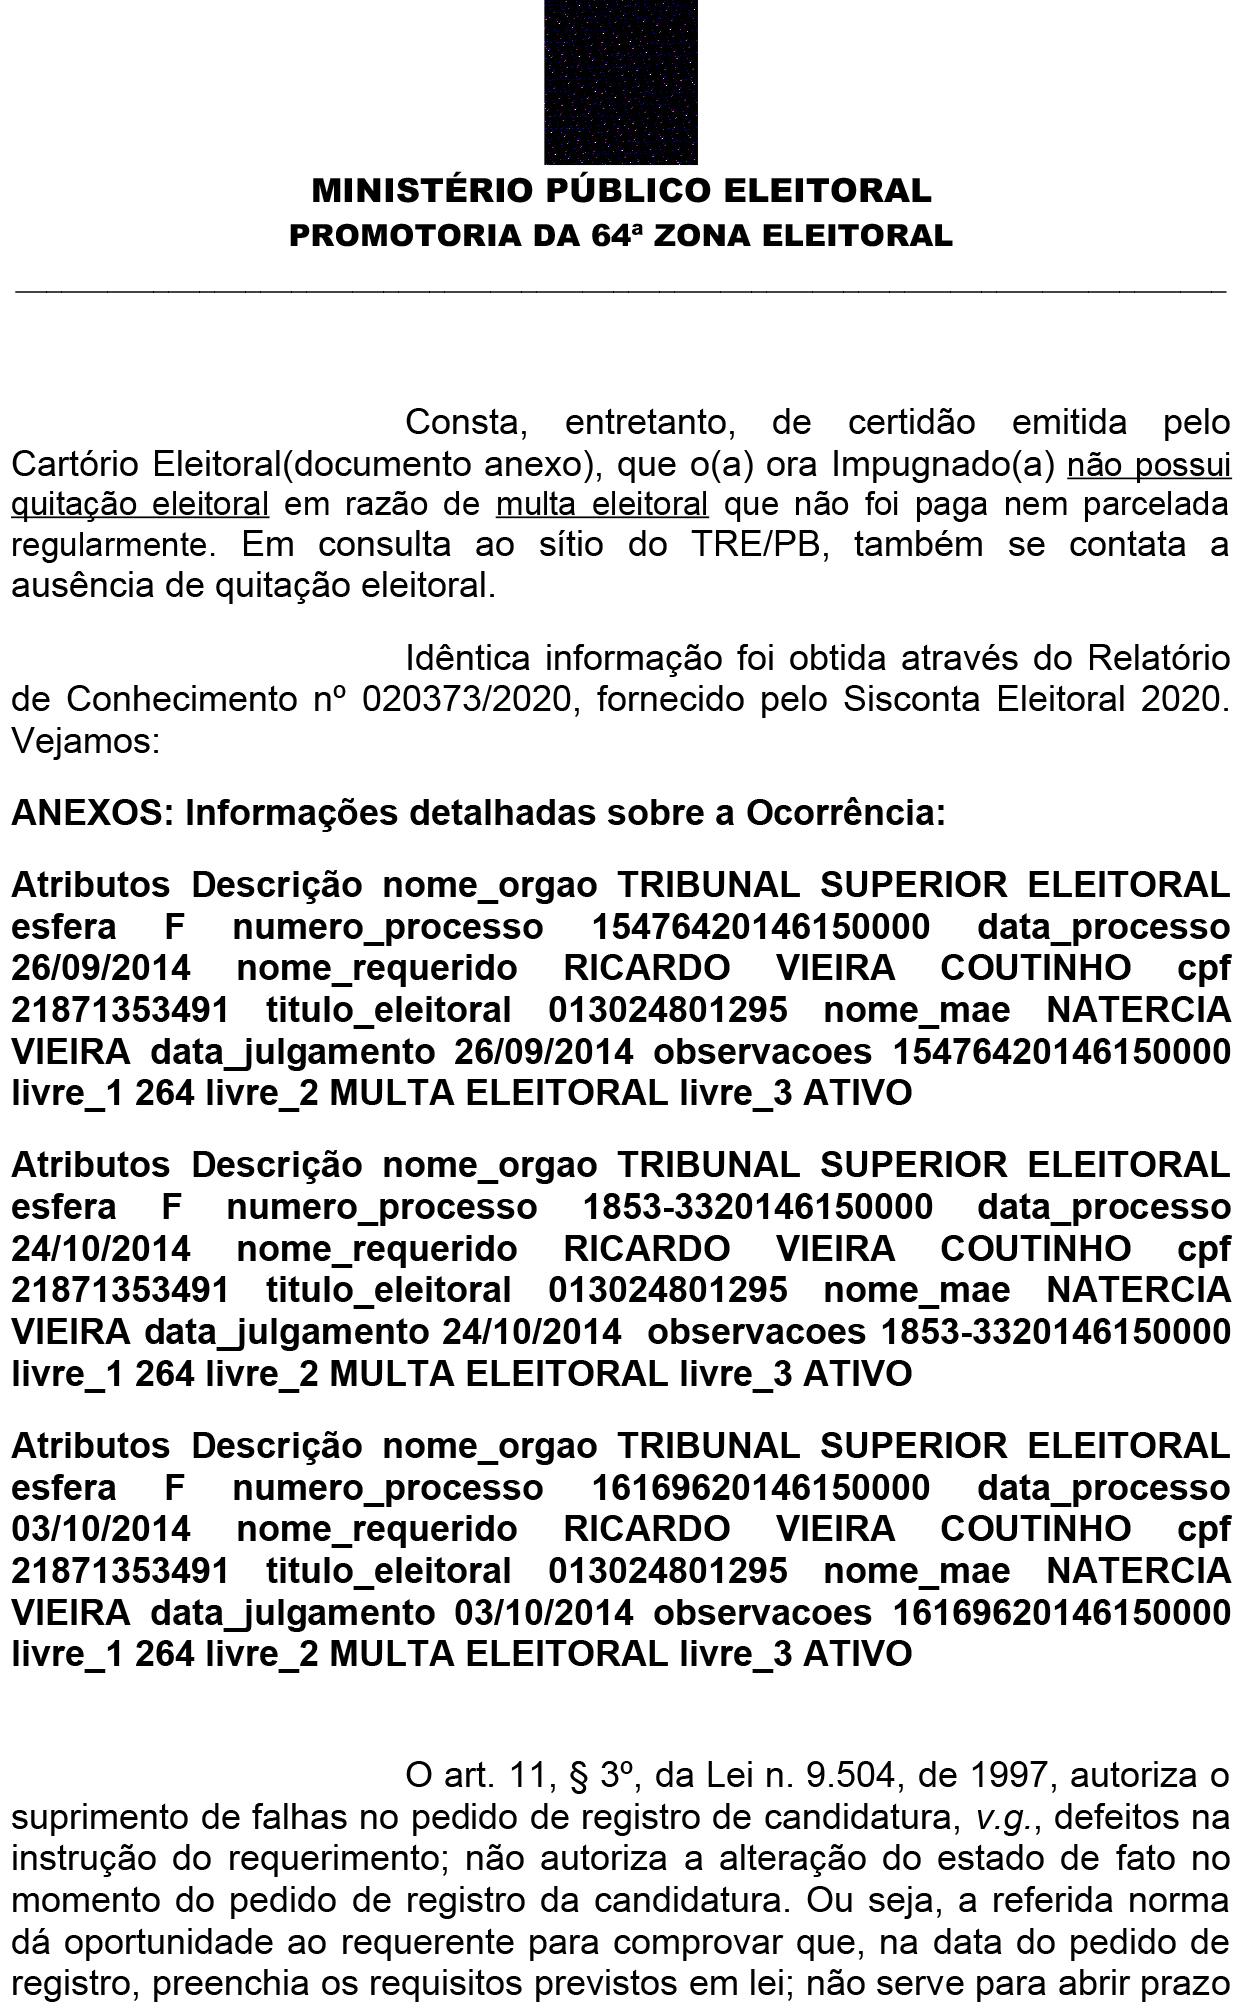 airc_ricardo_coutinho_1-2 Ministério Público da Paraíba pede impugnação da candidatura de Ricardo Coutinho a prefeito de João Pessoa